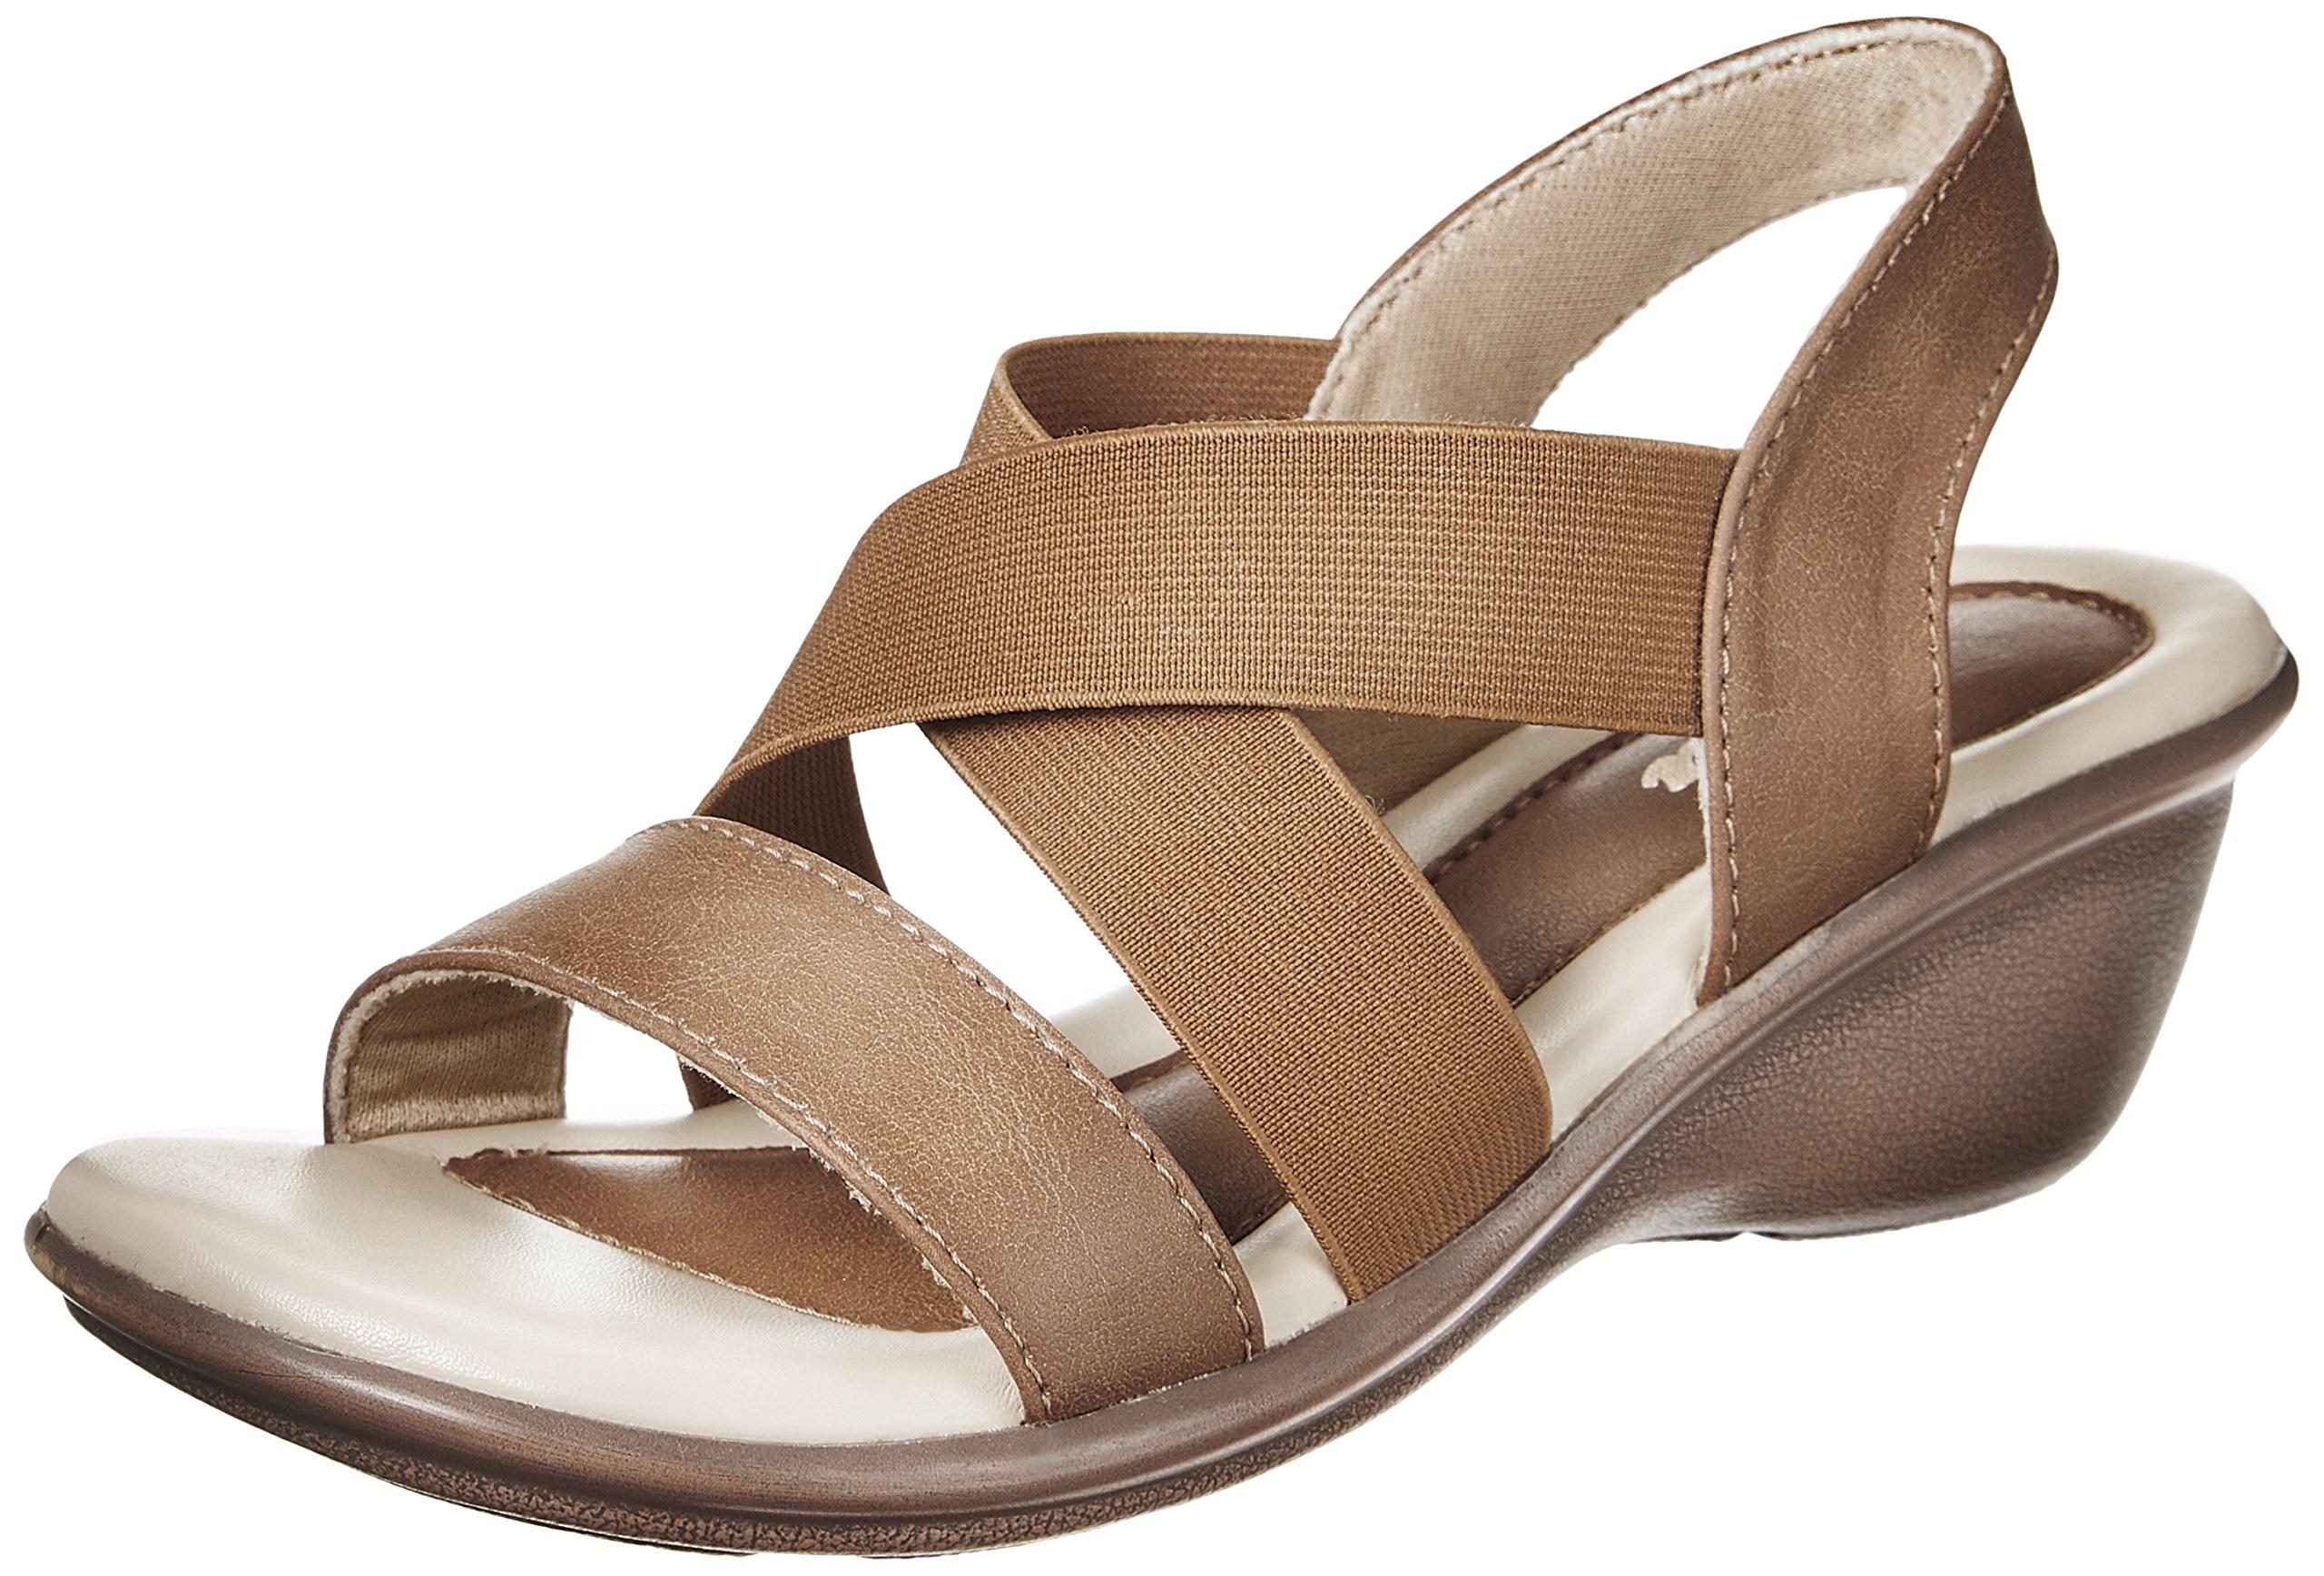 Bata Women S Fashion Sandals Buy Online In Gambia At Desertcart